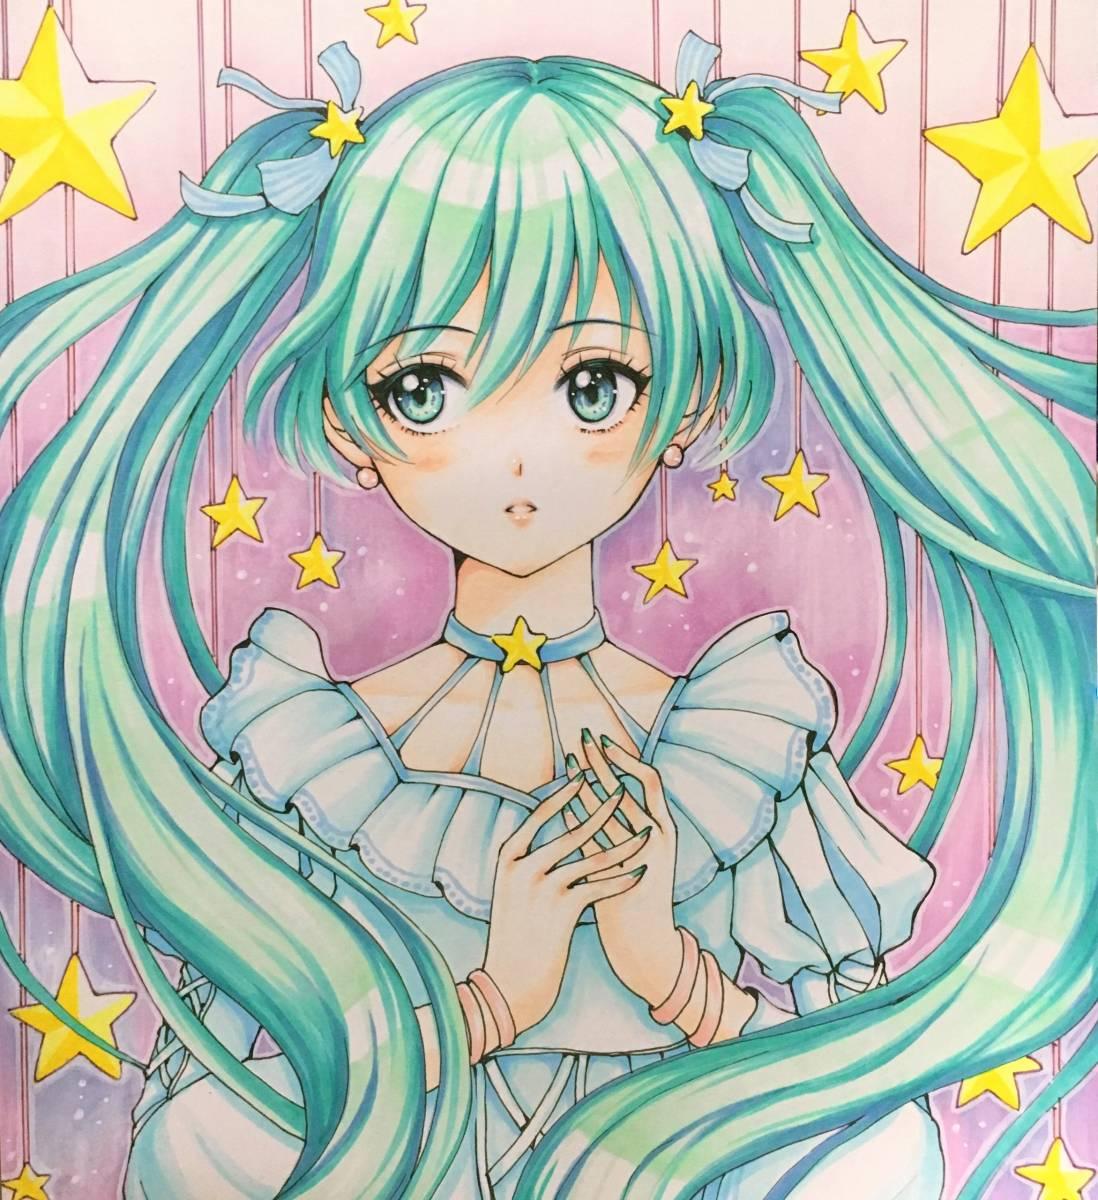 A4【初音ミク】Hatsune Miku ★同人手描きイラスト★星_画像3